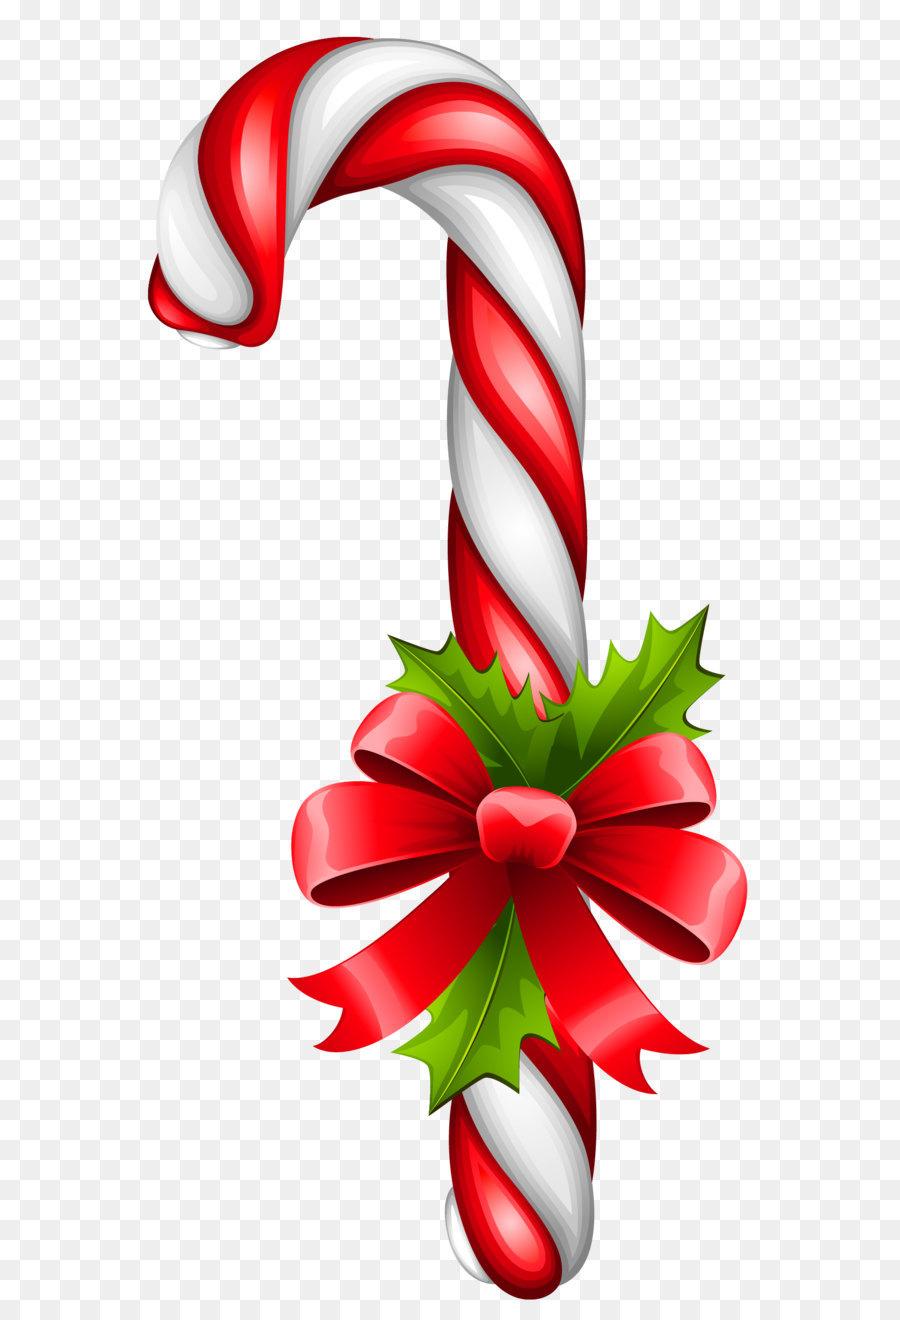 Descarga gratuita de La Navidad, Dulces, Vacaciones imágenes PNG